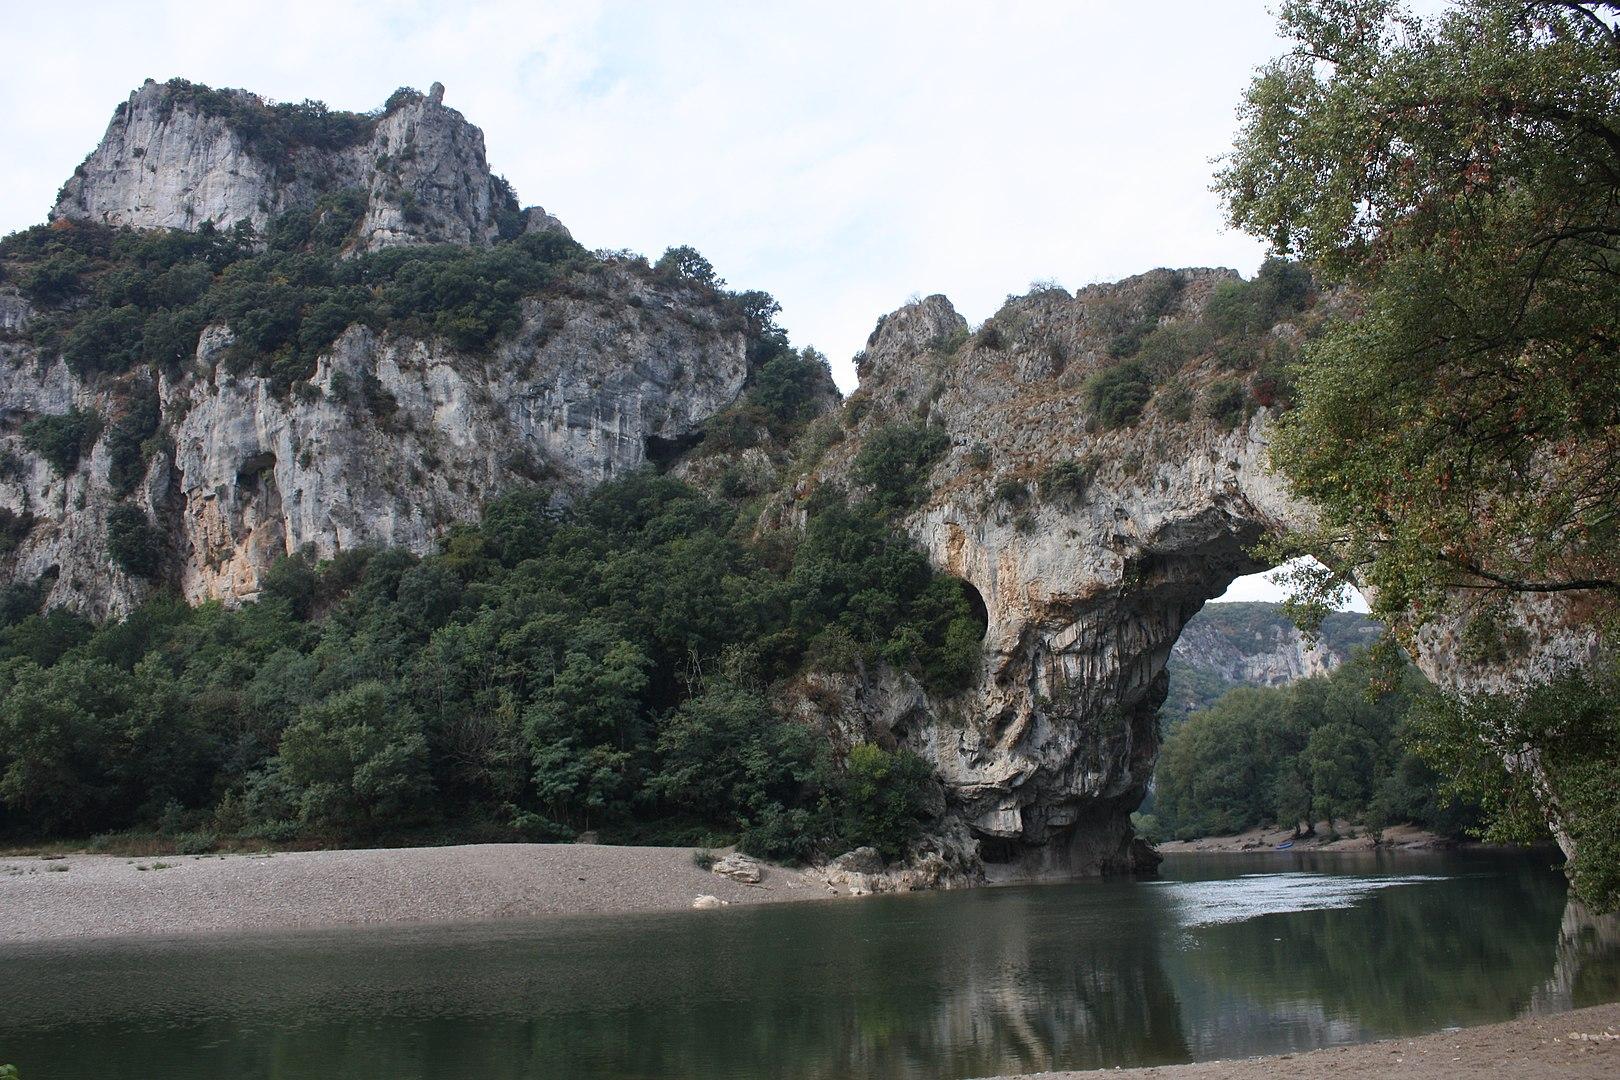 Extension du réseau de réserves naturelles nationales pour préserver la biodiversité